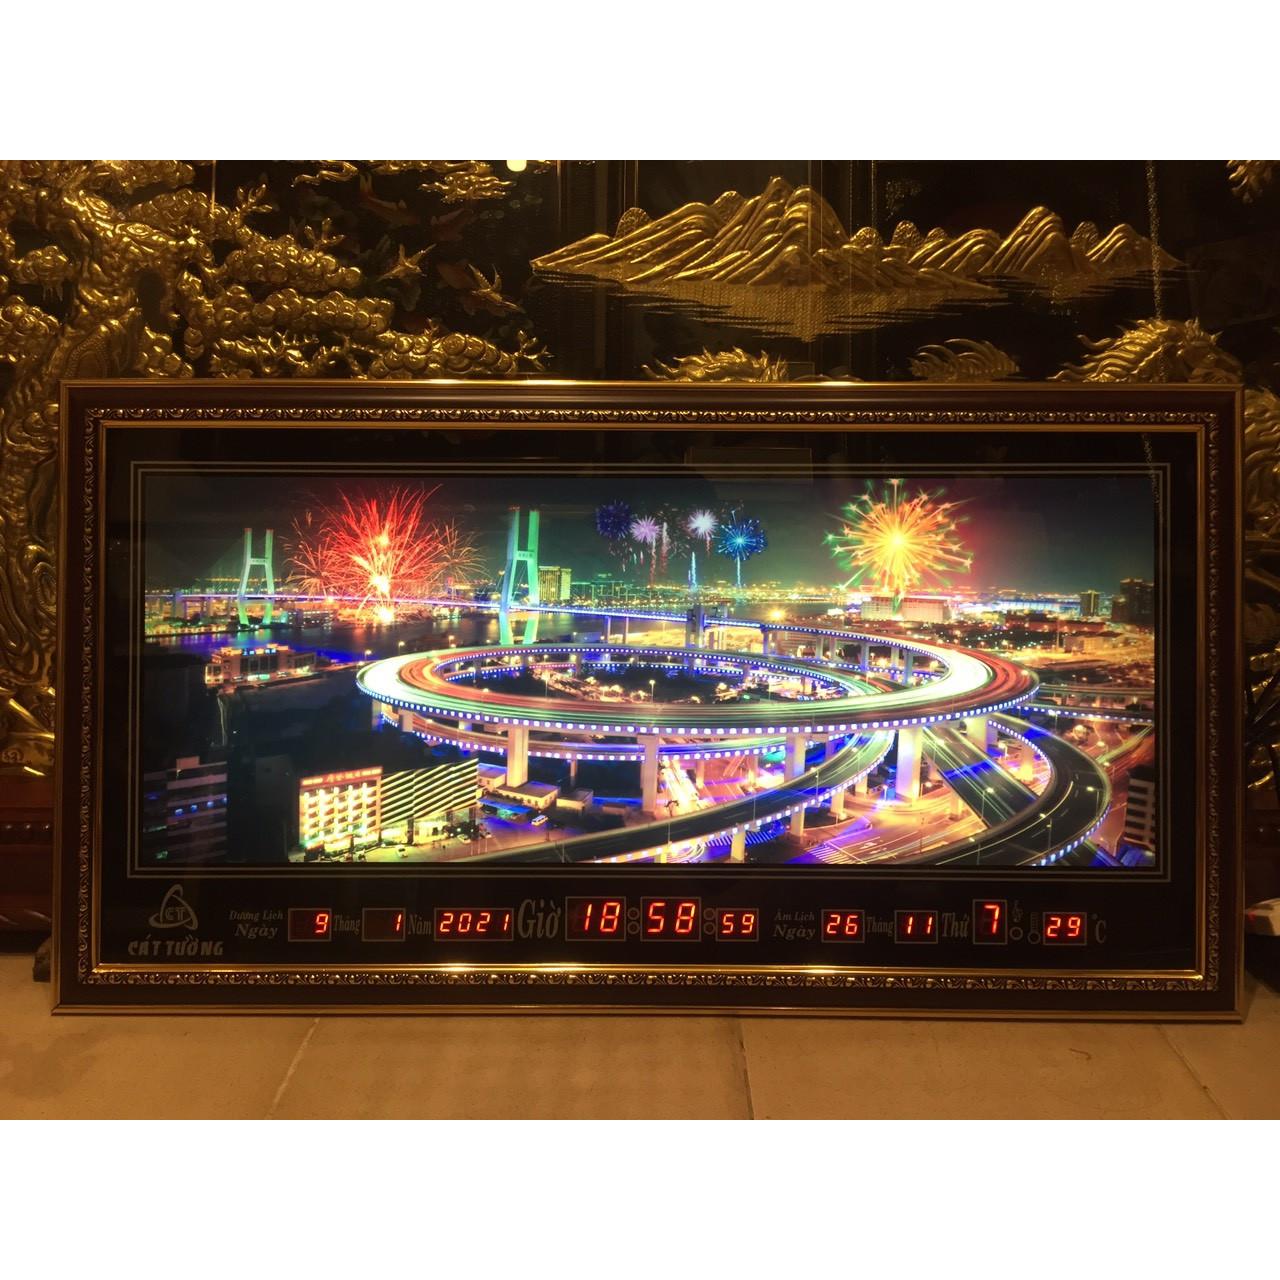 Tranh đồng hồ điện vạn niên, Phong cảnh thành phố có hiệu ứng đèn pháo hoa - 410